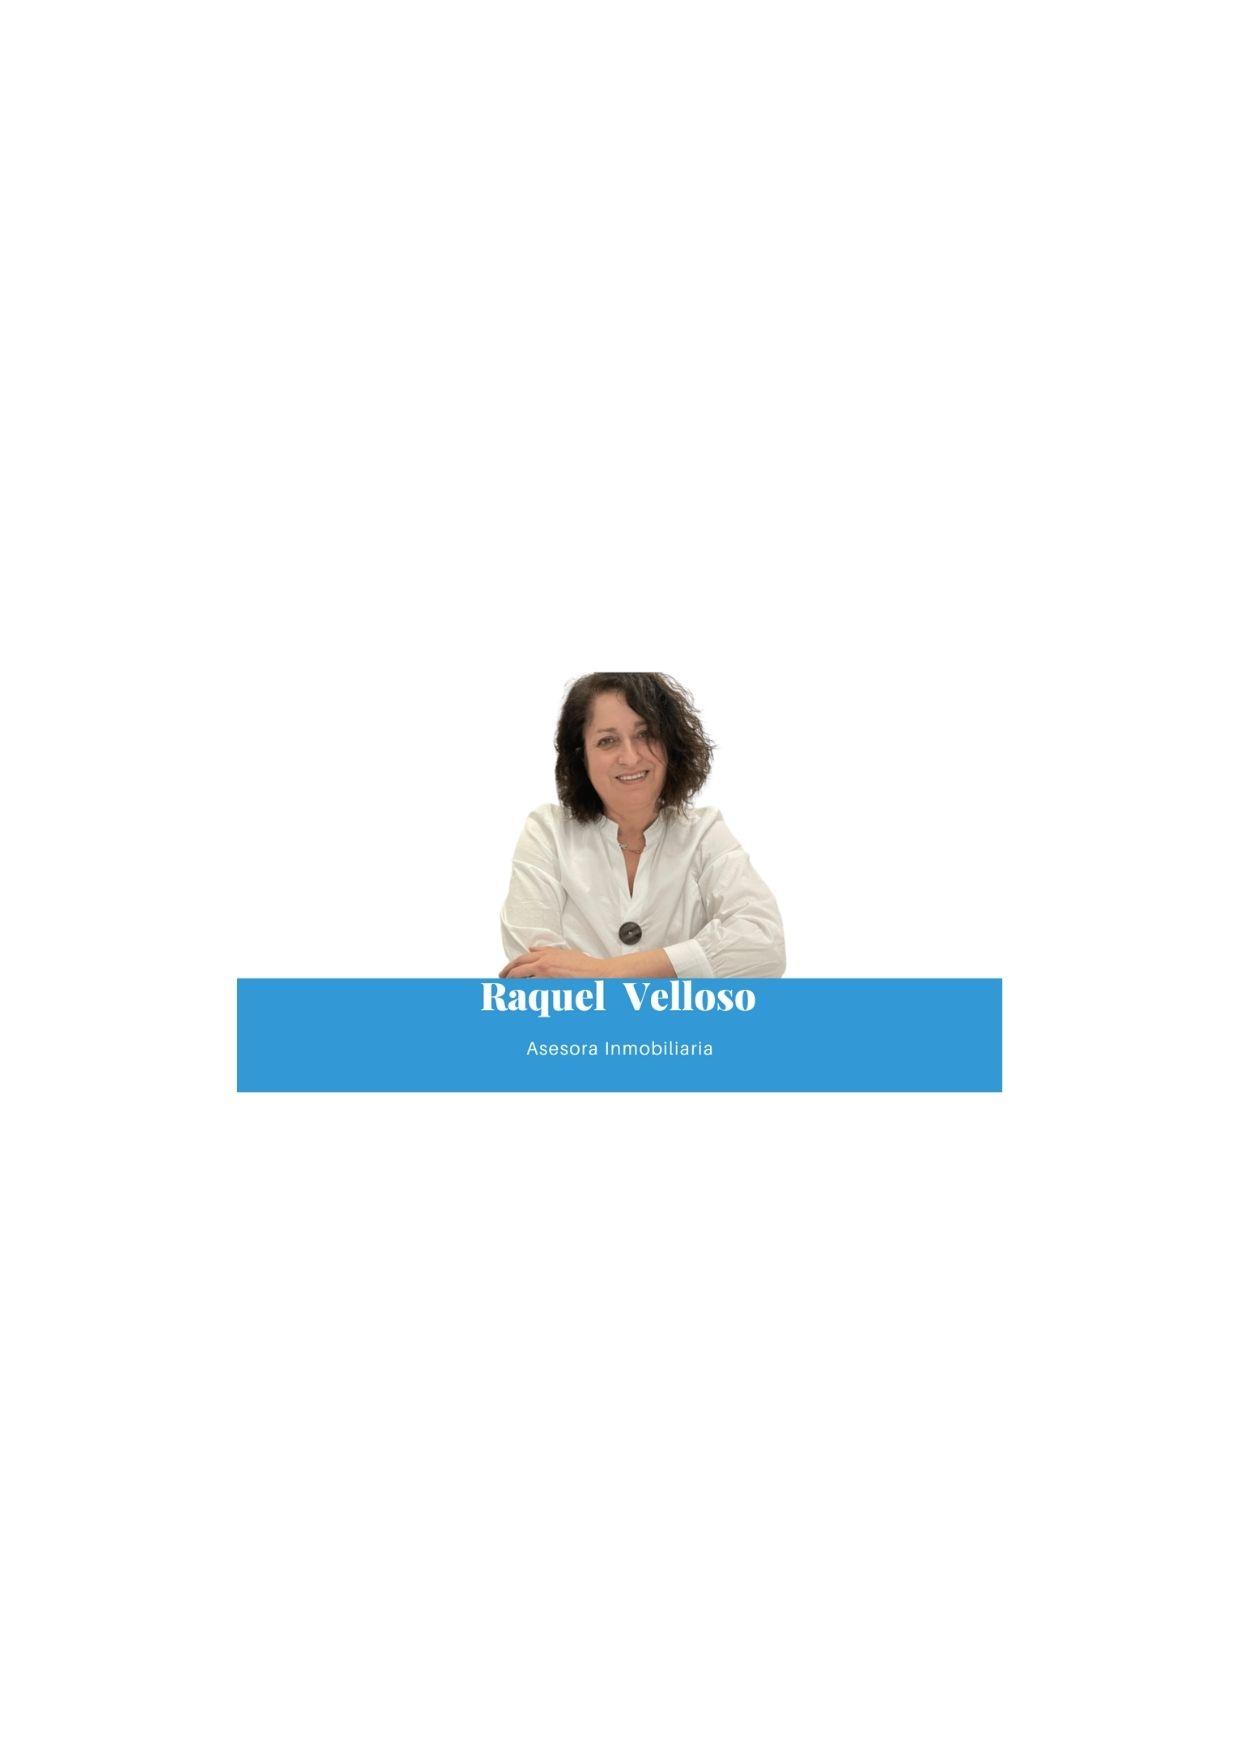 Raquel Velloso Lucea